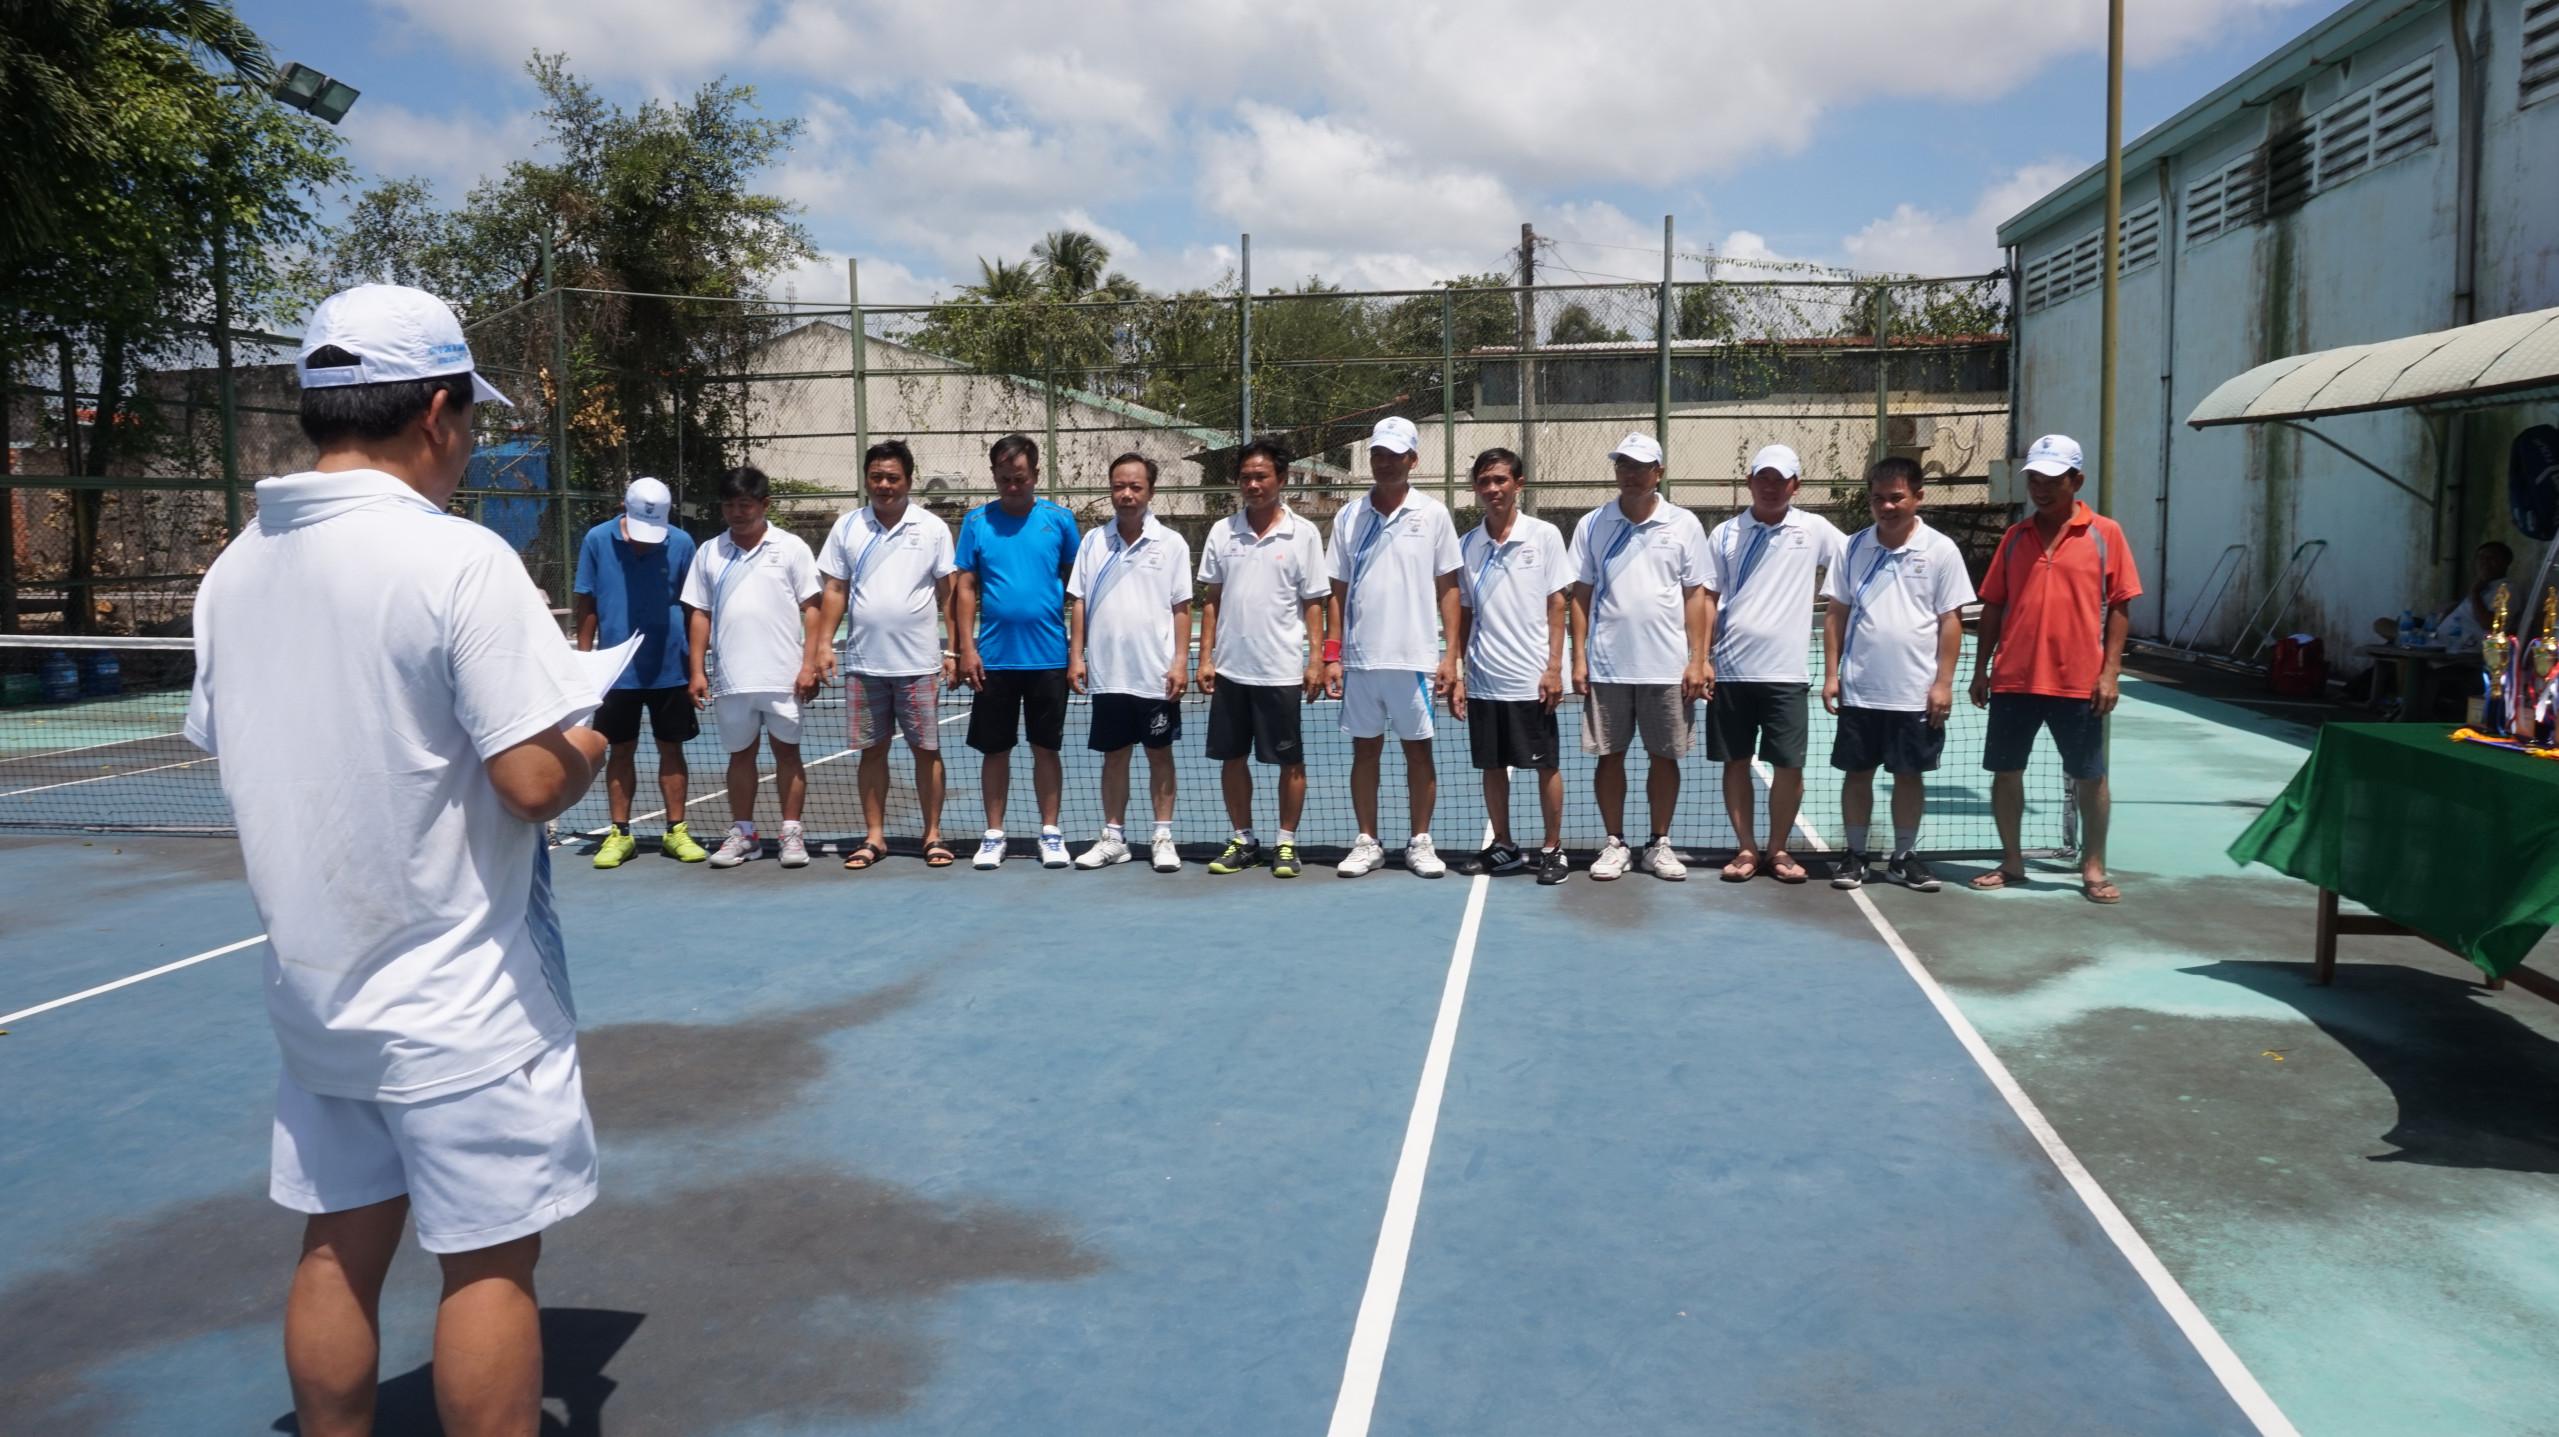 Giải quần vợt chào mừng kỷ niệm 73 năm Cách mạng tháng Tám và Quốc khánh 2/9